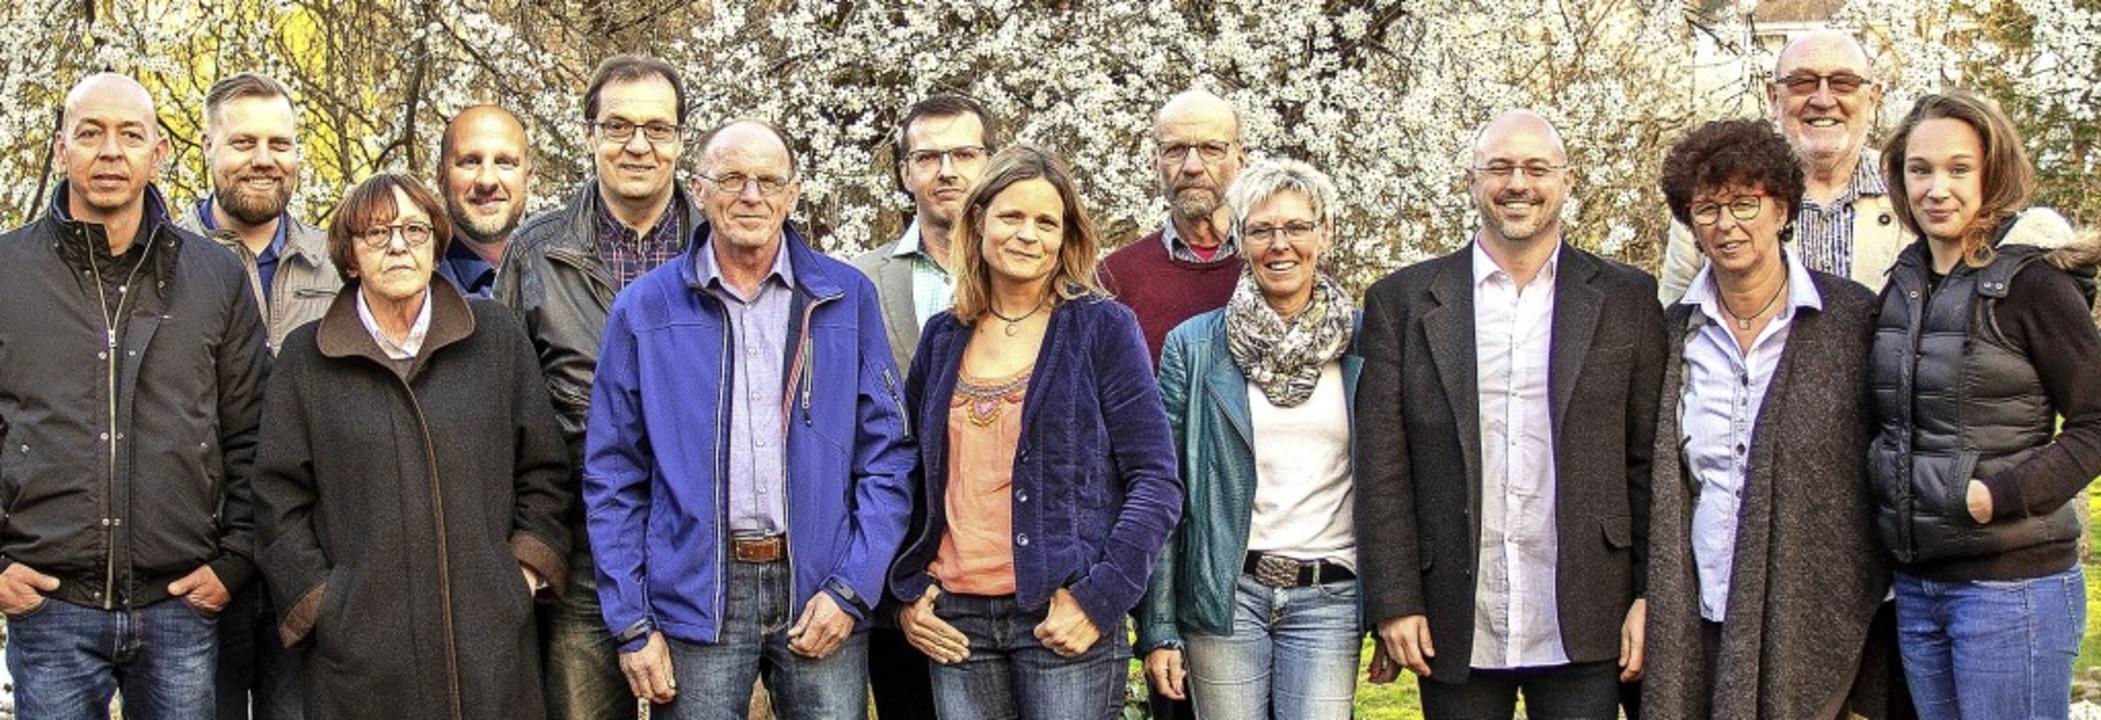 Die BVM-Kandidaten für die anstehende Kommunalwahl am Sonntag.   | Foto: BZ